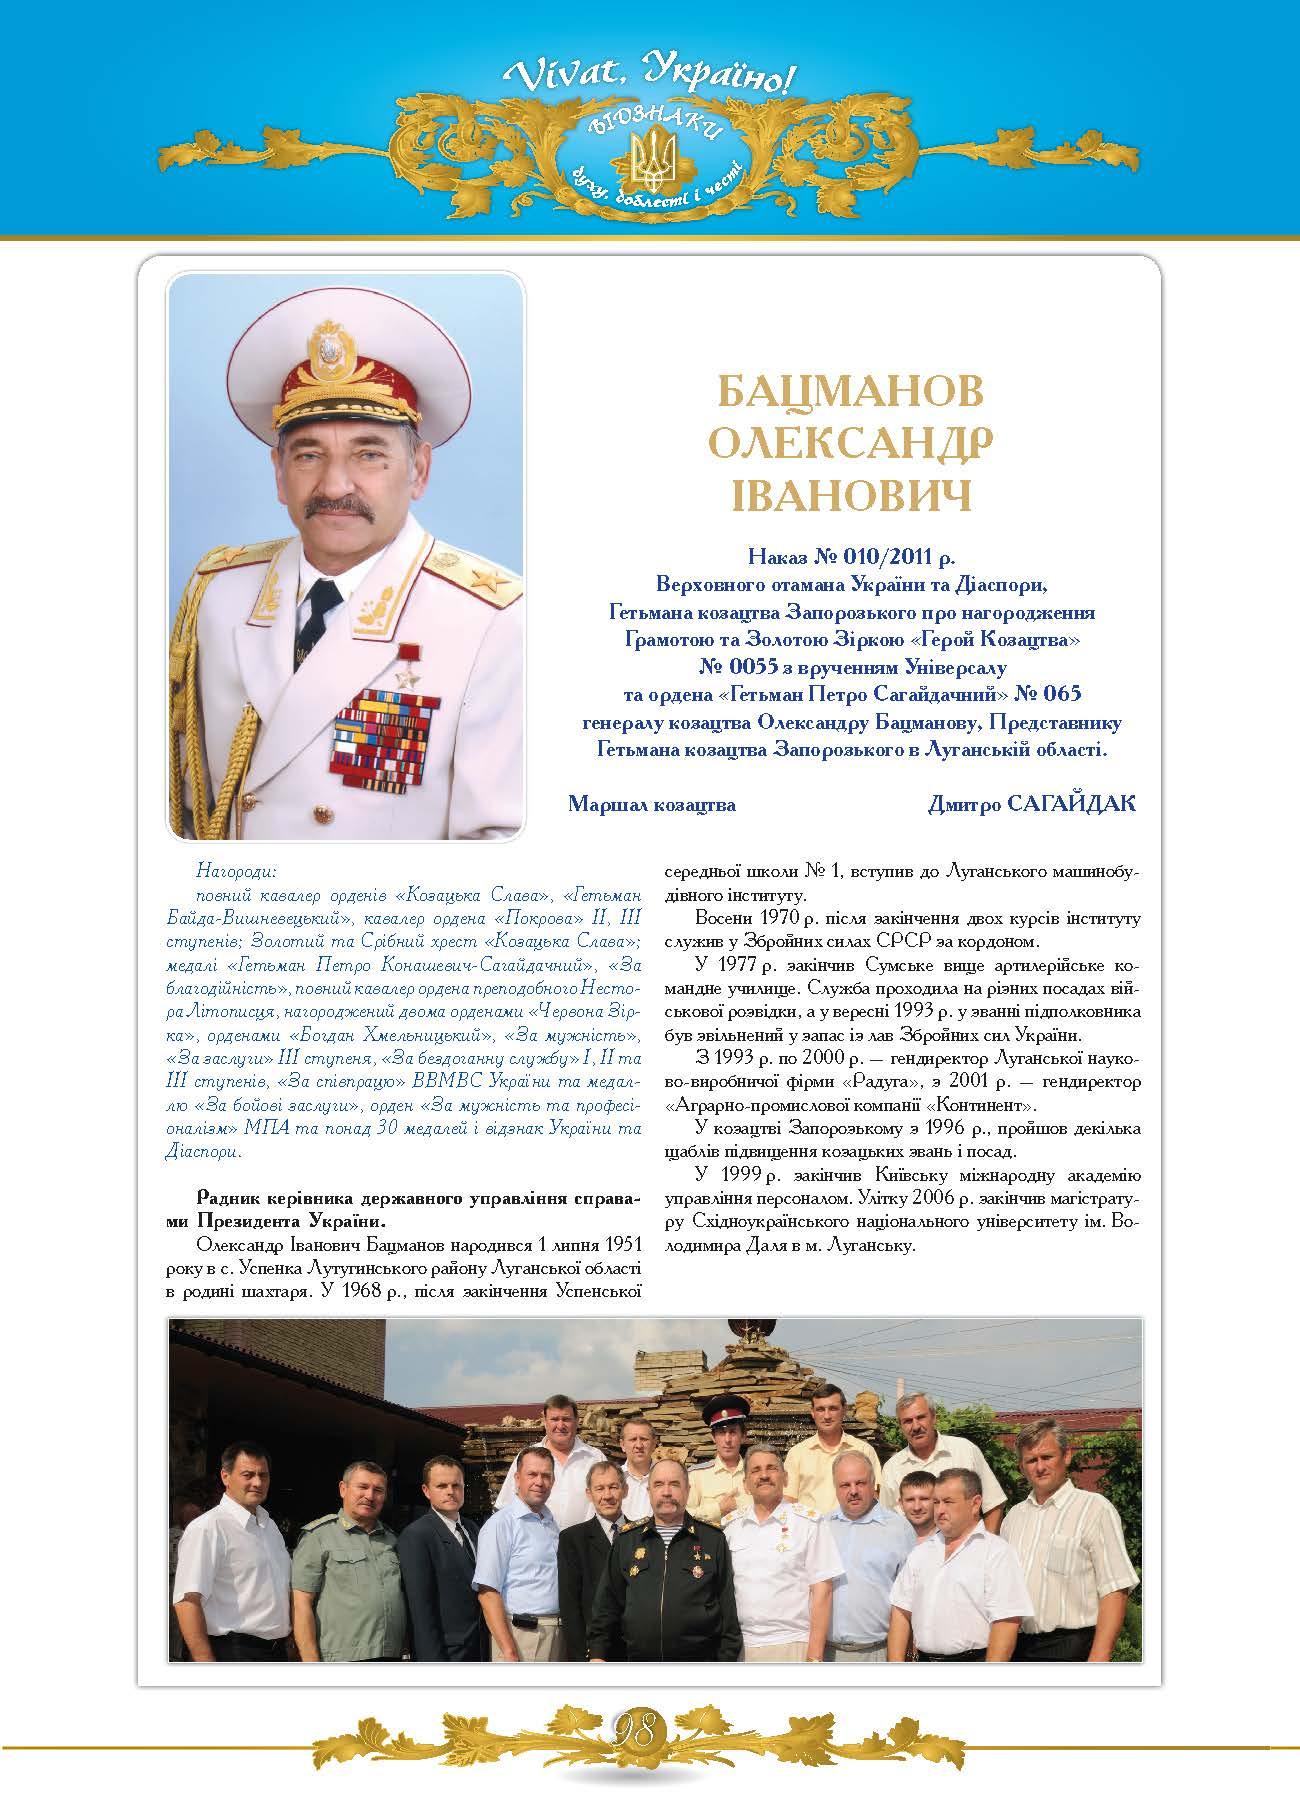 Бацманов Олександр Іванович